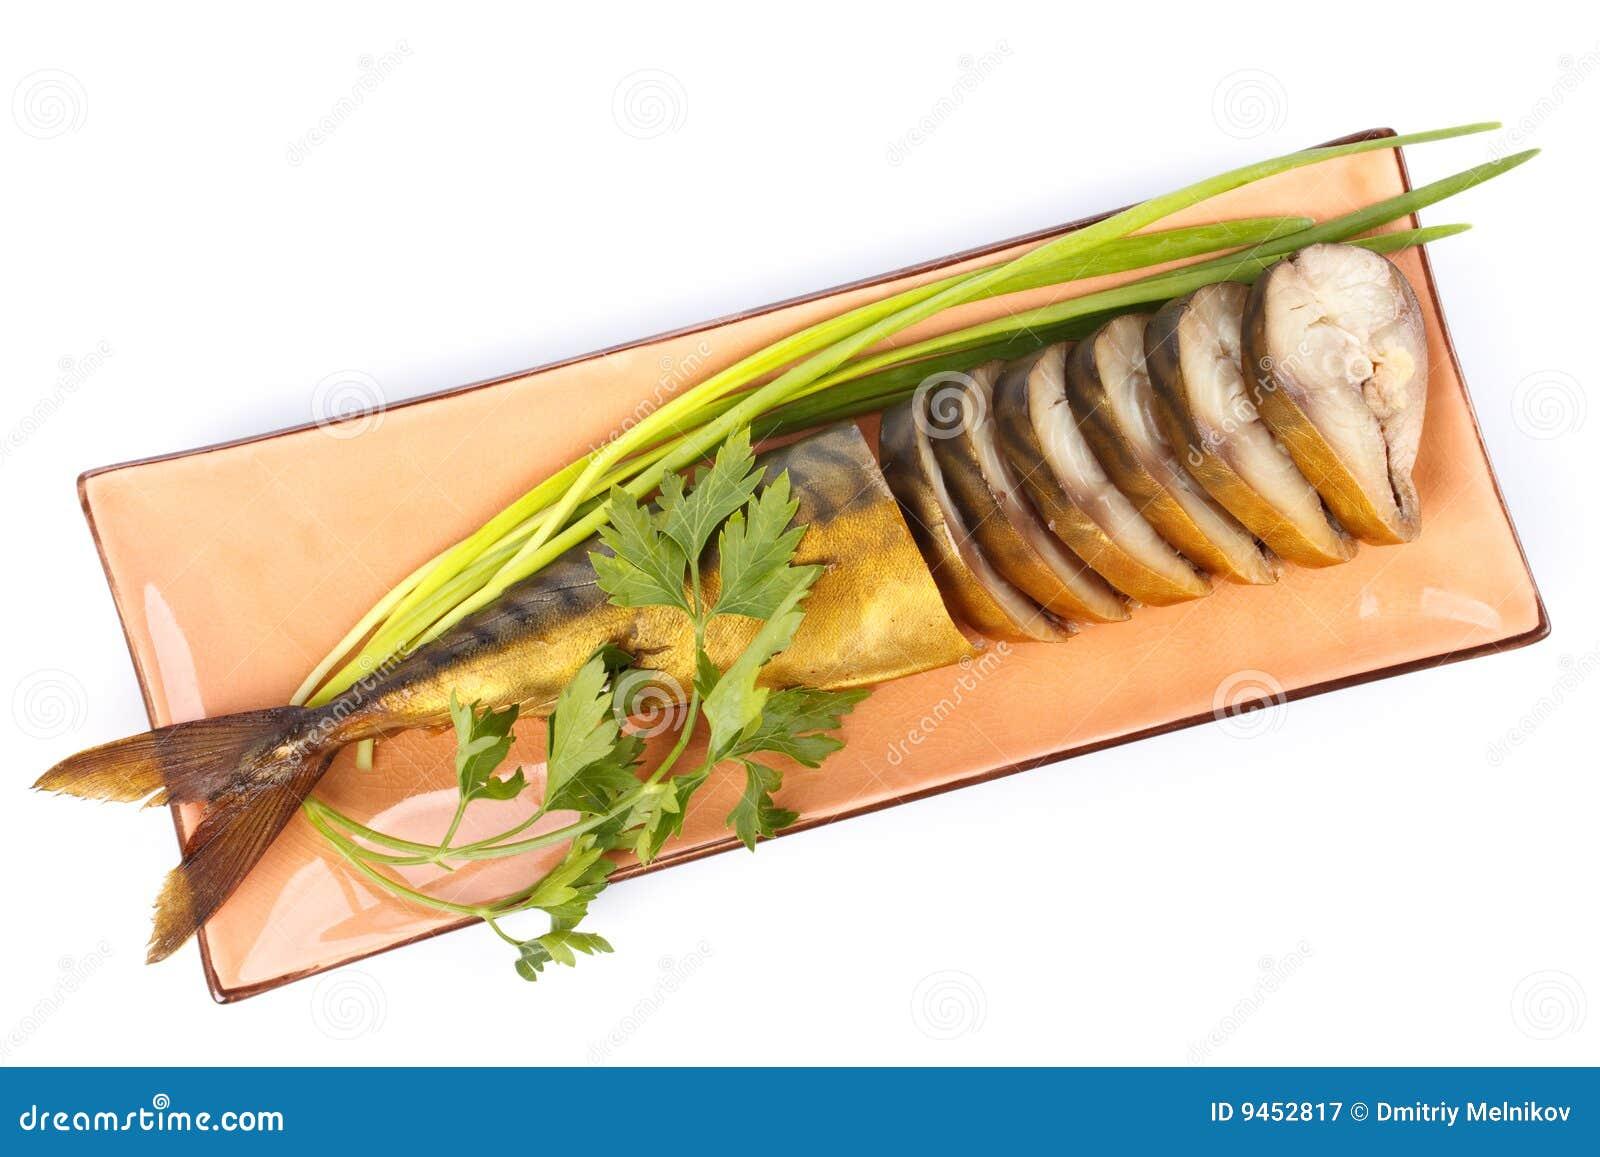 how to cut mackerel steaks